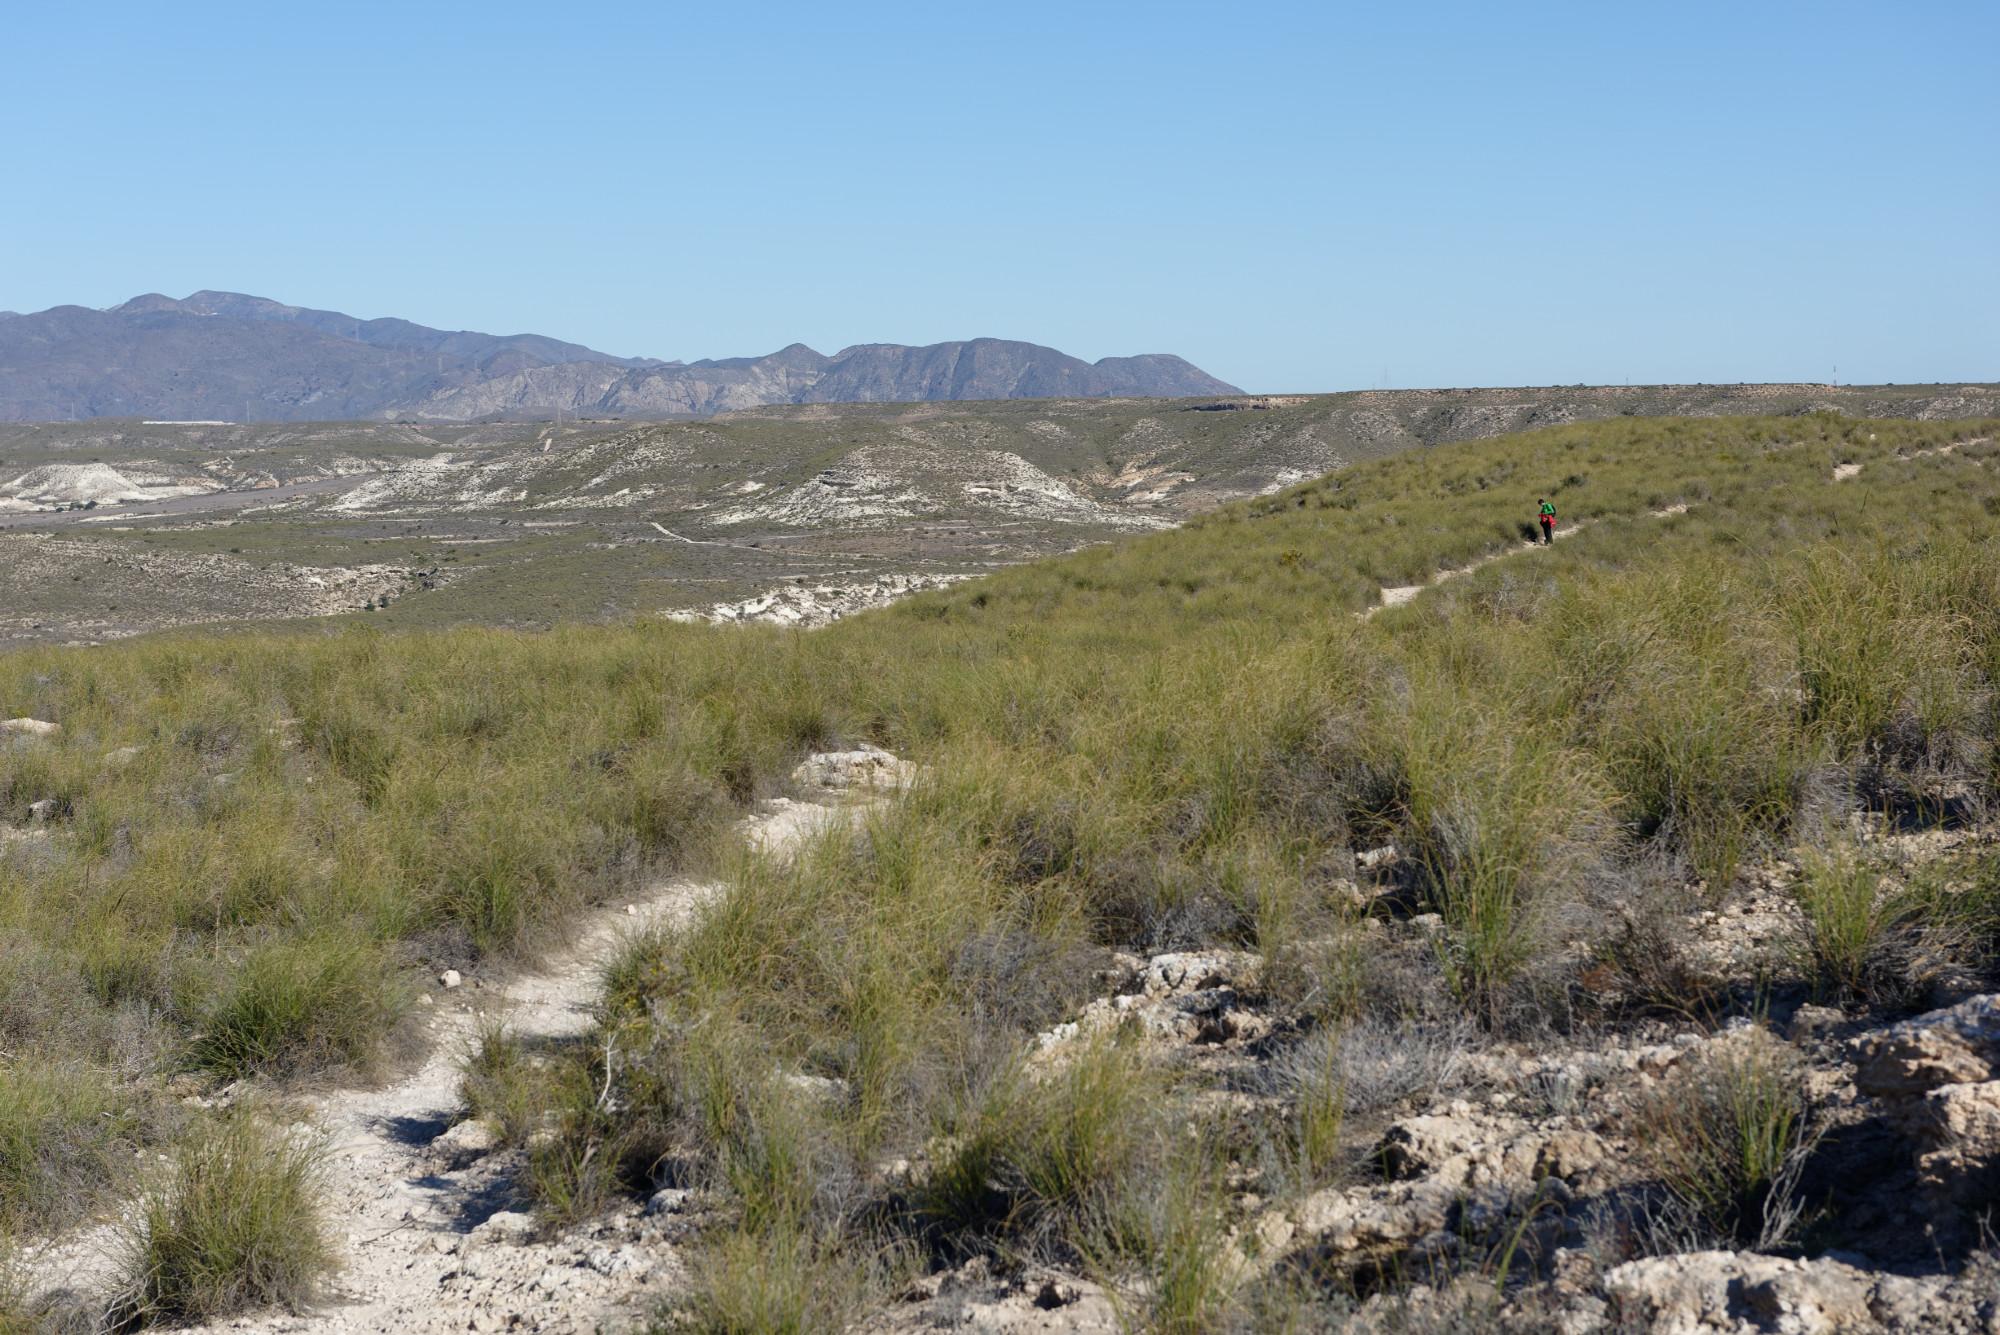 171217-Marche Agua Amarga vers Playa de Enmedio (Cabo de Gata-Andalousie) (28)